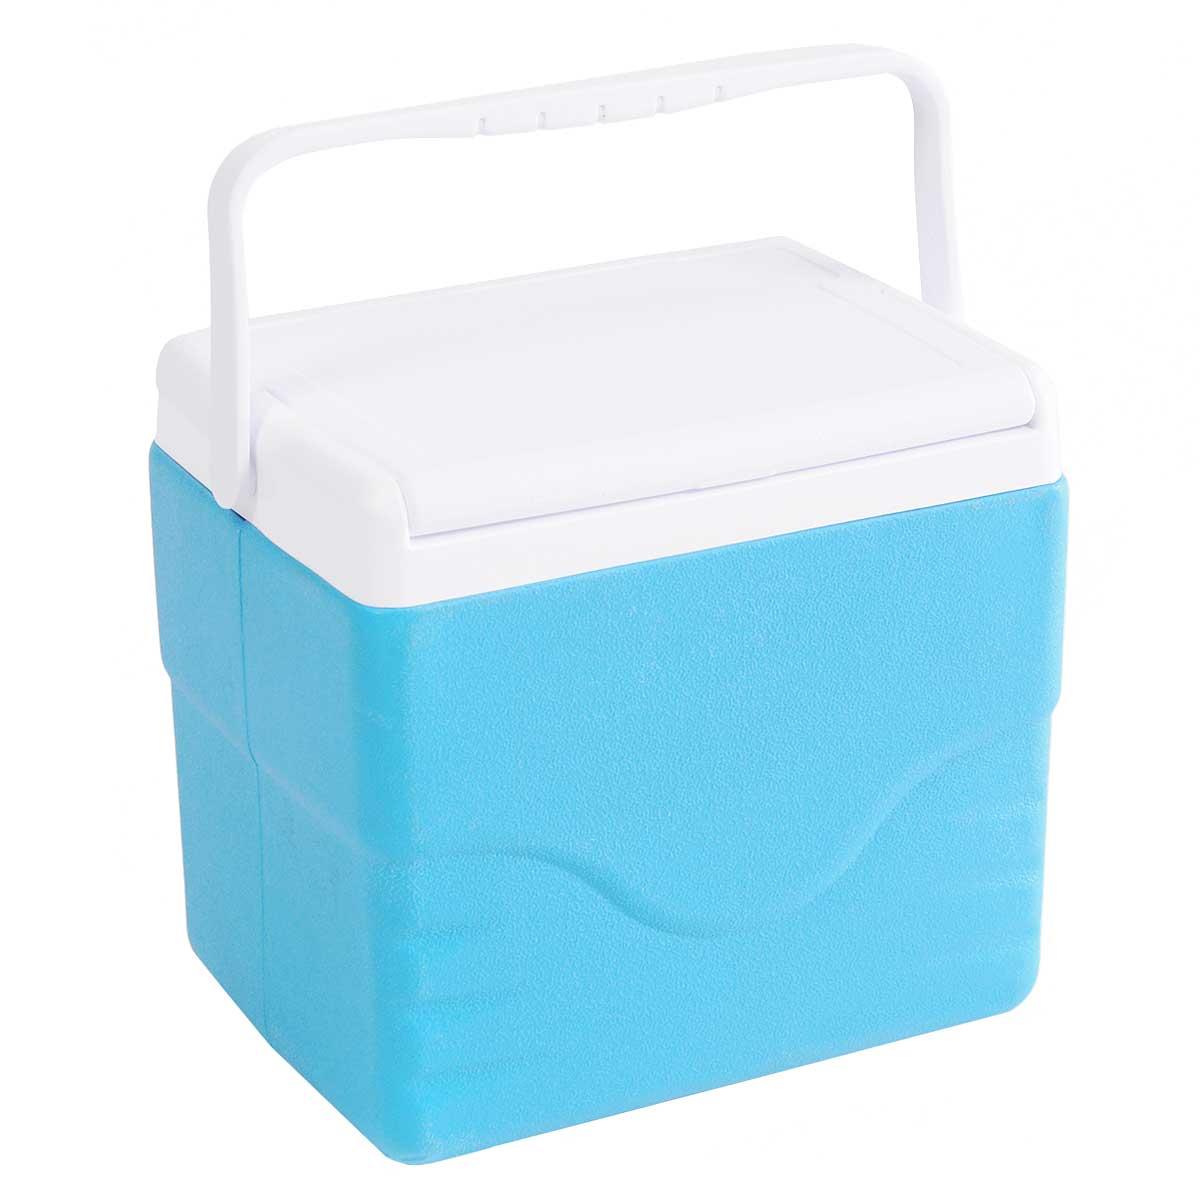 Контейнер изотермический  Green Glade , цвет: голубой, 9 л -  Товары для барбекю и пикника